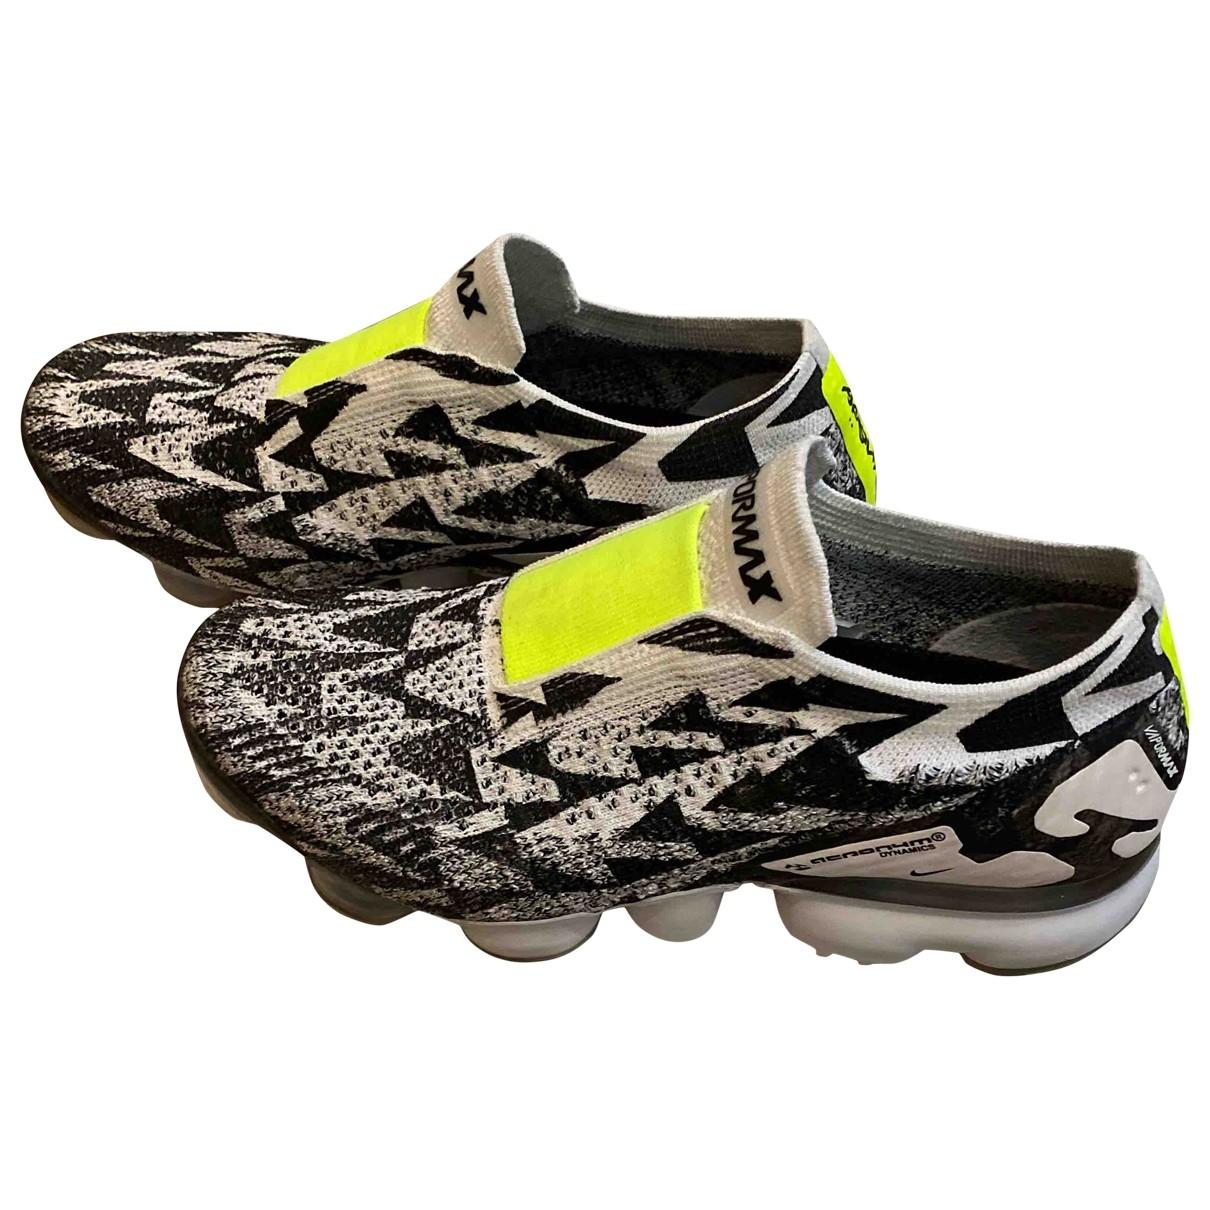 Deportivas de Lona Nike X Acronym